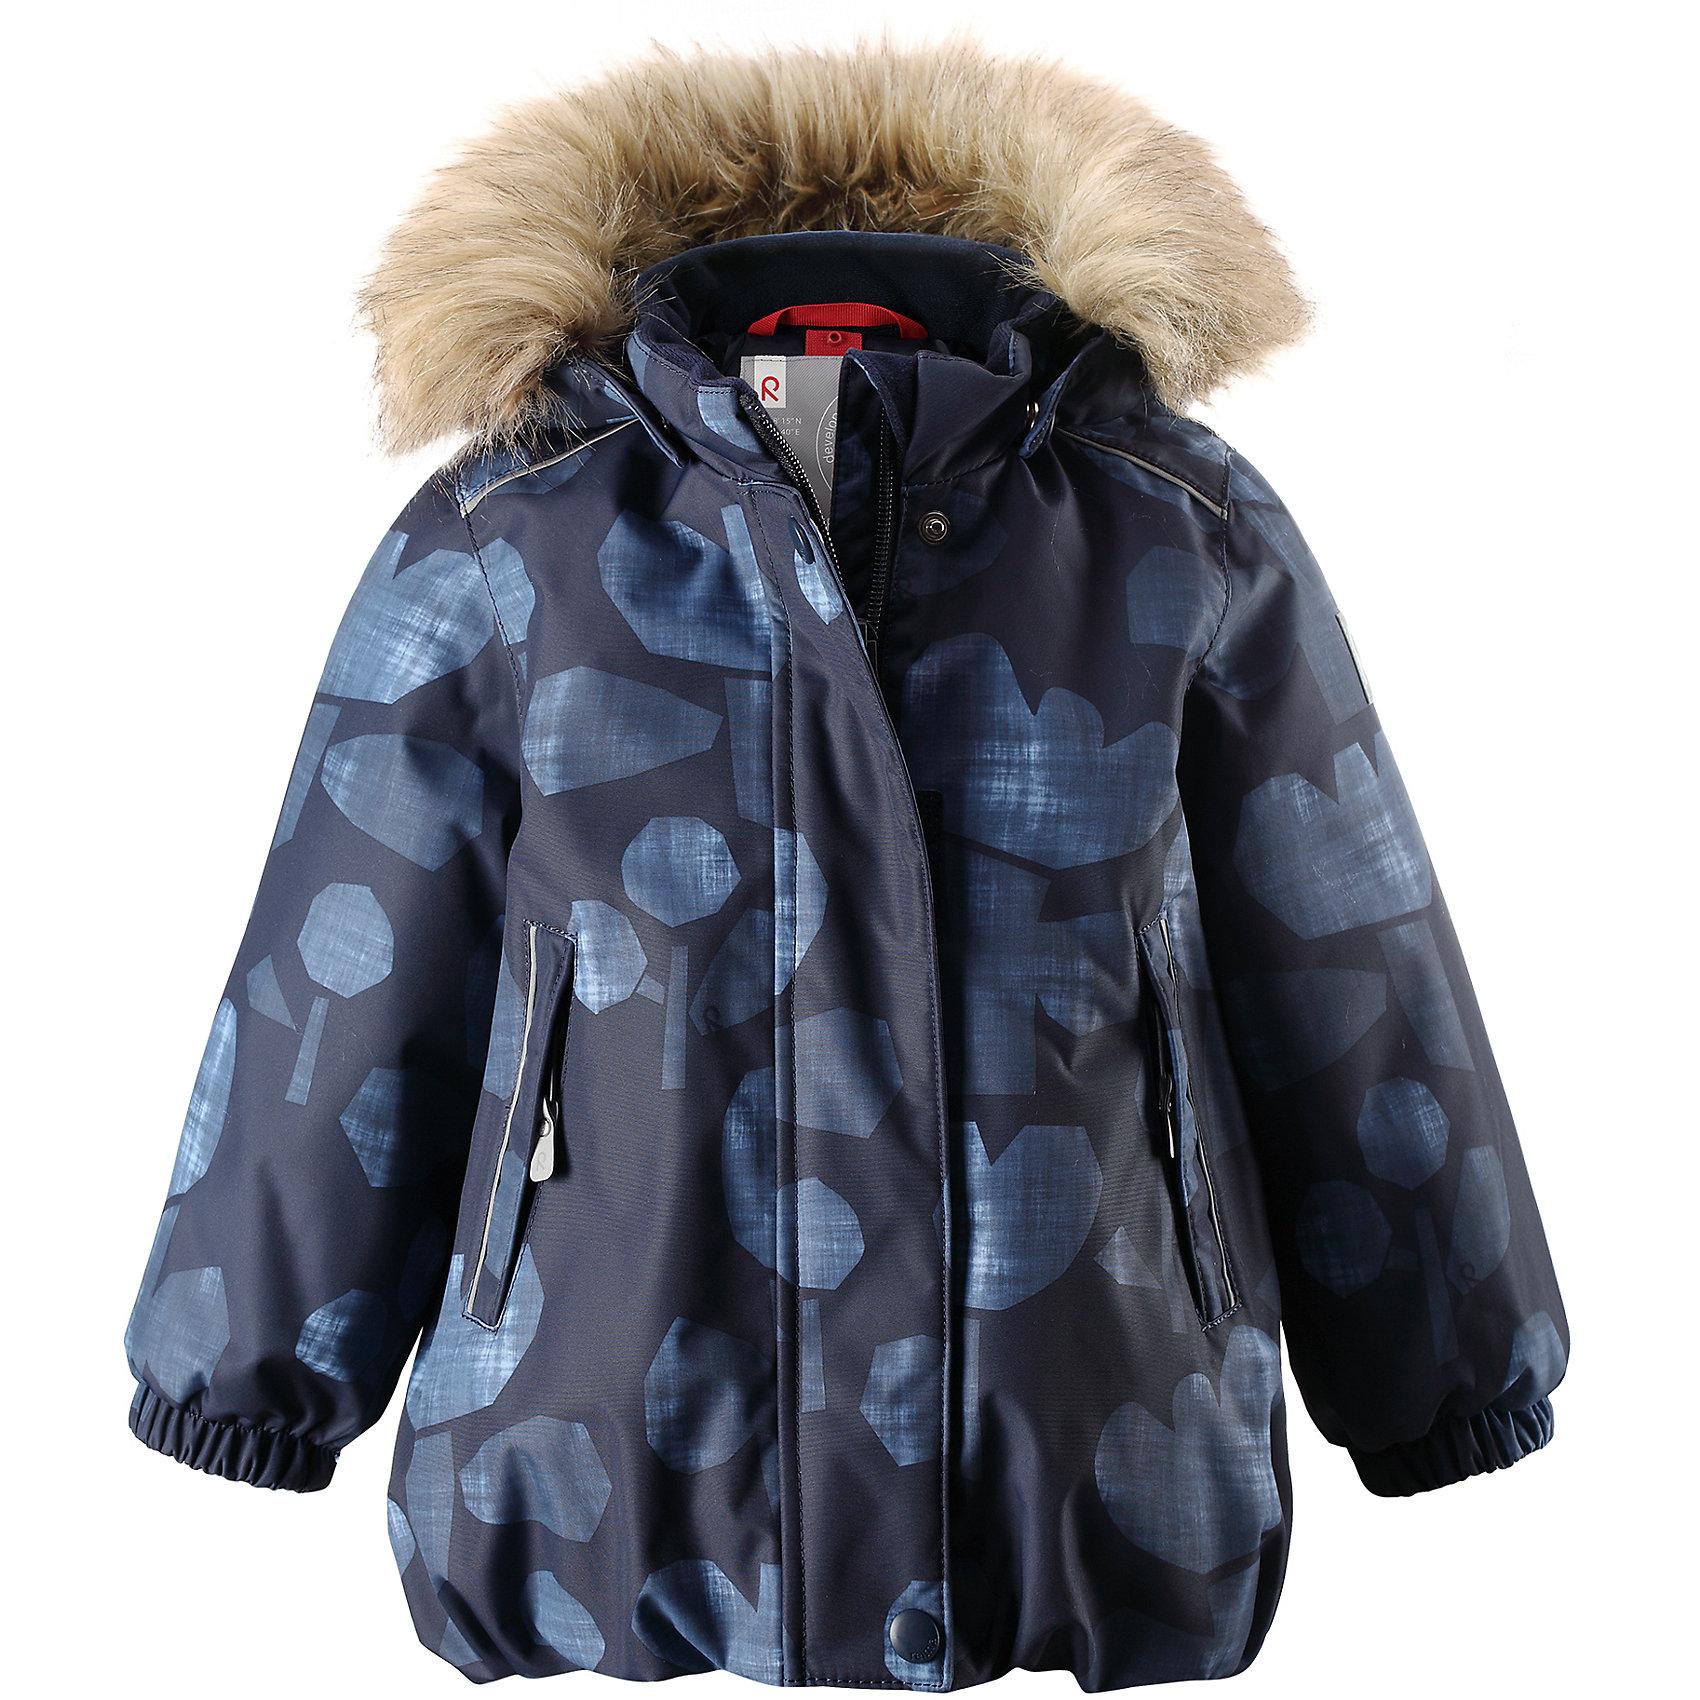 Куртка Reima Reima Pihlaja для девочкиВерхняя одежда<br>Характеристики товара:<br><br>• цвет: синий <br>• состав: 100% полиэстер<br>• утеплитель: 100% полиэстер, 160 г/м2 (soft loft insulation)<br>• сезон: зима<br>• температурный режим: от 0 до -20С<br>• водонепроницаемость: 15000 мм<br>• воздухопроницаемость: 7000 мм<br>• износостойкость: 40000 циклов (тест Мартиндейла)<br>• особенности модели: с рисунком, с мехом<br>• основные швы проклеены и не пропускают влагу<br>• водо- и ветронепроницаемый, дышащий и грязеотталкивающий материал<br>• гладкая подкладка из полиэстера<br>• безопасный, съемный капюшон на кнопках<br>• съемный искусственный мех на капюшоне<br>• защита подбородка от защемления<br>• эластичные манжеты<br>• регулируемый подол<br>• застежка: молния<br>• дополнительная планка на кнопках<br>• два кармана на молнии<br>• светоотражающие детали<br>• страна бренда: Финляндия<br>• страна изготовитель: Китай<br><br>Зимняя куртка с капюшоном для девочки. Все швы проклеены и водонепроницаемы, а сама она изготовлена из водо и ветронепроницаемого, грязеотталкивающего материала. Гладкая подкладка и длинная застежка на молнии облегчают надевание.<br><br>Съемный капюшон защищает от ветра, к тому же он абсолютно безопасен – легко отстегнется, если вдруг за что-нибудь зацепится. Маленькие карманы на молнии надежно сохранят все сокровища. Обратите внимание: куртку можно сушить в сушильной машине. Зимняя куртка на молнии для девочки декорирована абстрактным рисунком.<br><br>Куртка Pihlaja для девочки Reimatec® Reima от финского бренда Reima (Рейма) можно купить в нашем интернет-магазине.<br><br>Ширина мм: 356<br>Глубина мм: 10<br>Высота мм: 245<br>Вес г: 519<br>Цвет: синий<br>Возраст от месяцев: 24<br>Возраст до месяцев: 36<br>Пол: Женский<br>Возраст: Детский<br>Размер: 98,80,86,92<br>SKU: 6908240